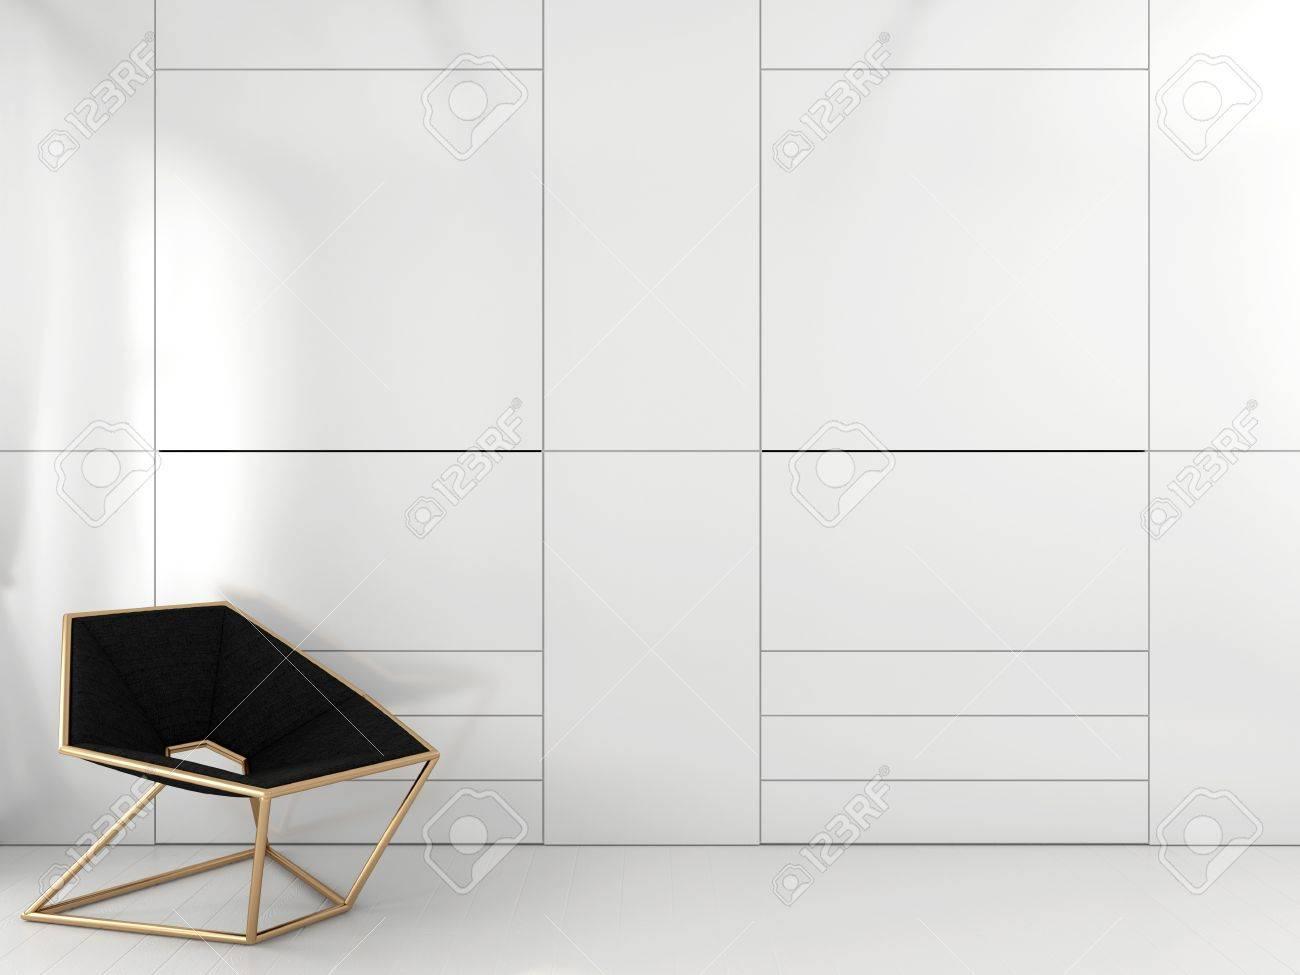 Stilvolle Geometrische Stuhl Mit Messingrahmen In Der Nähe Der ...